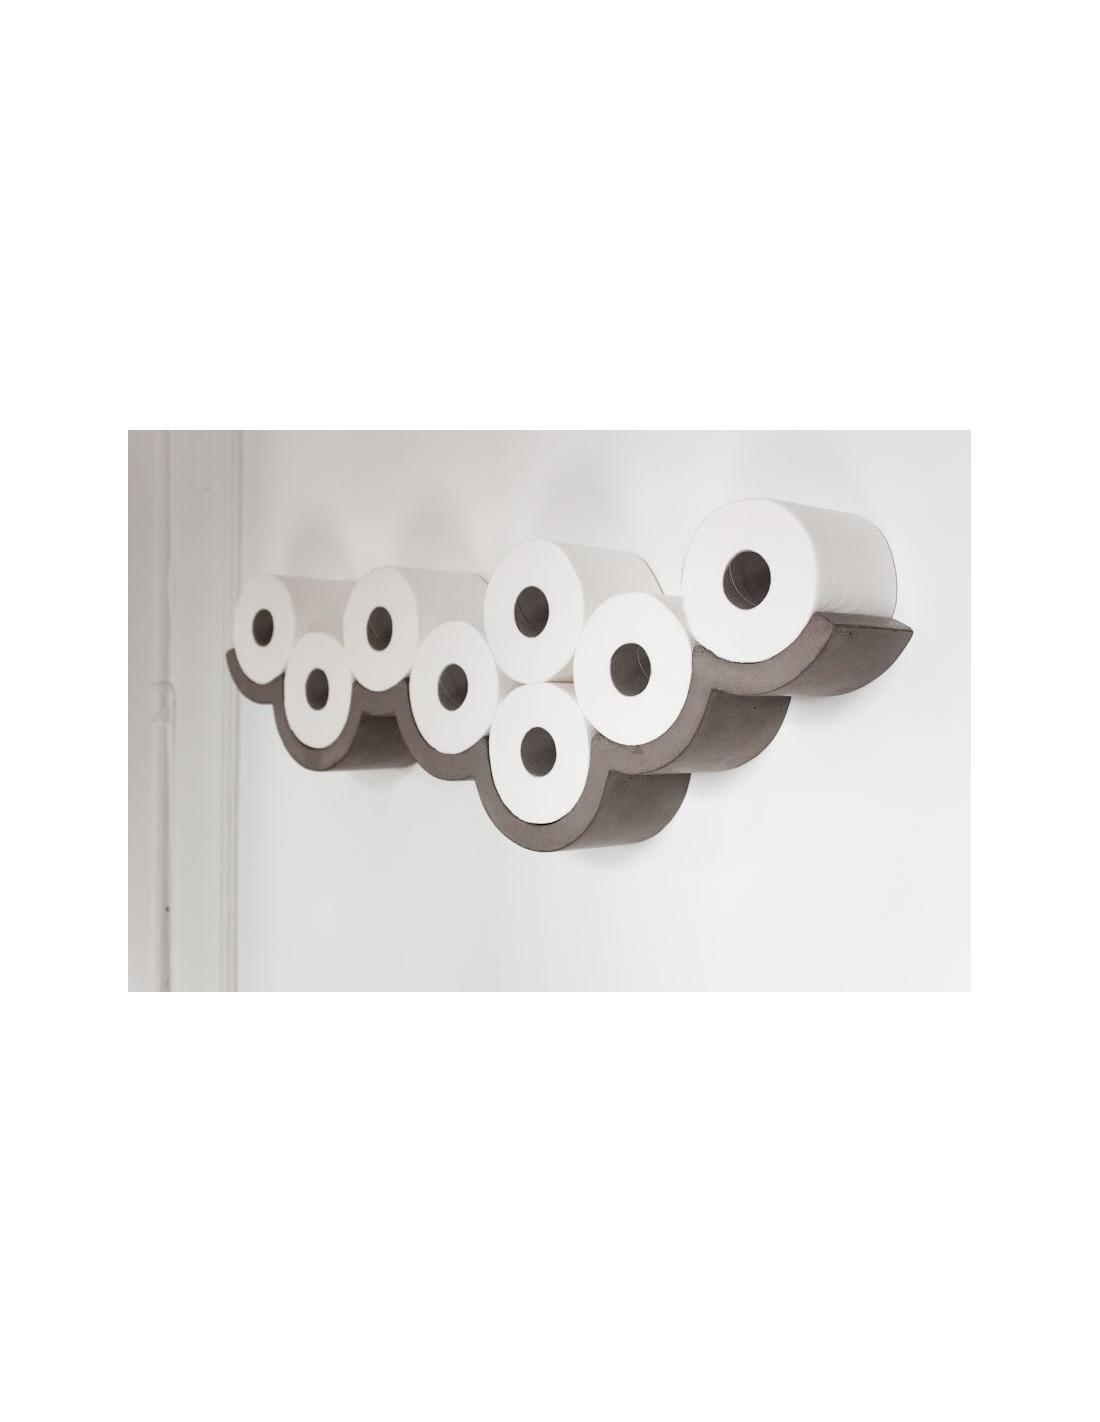 etag re cloud m d coration pour papier toilettes en b ton otoko. Black Bedroom Furniture Sets. Home Design Ideas